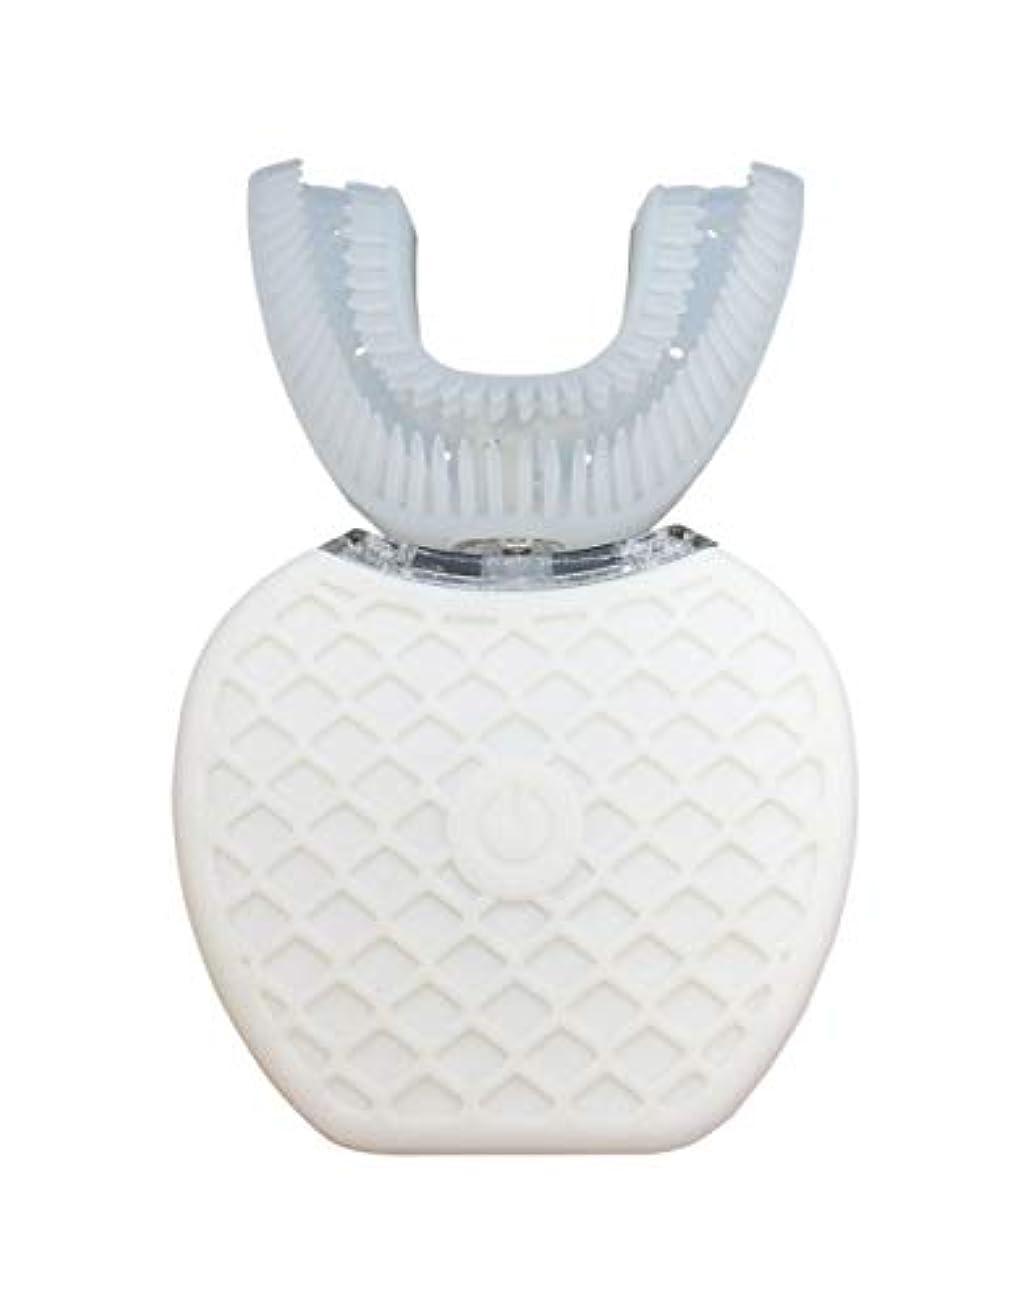 クローン別れる行列Broadwatch 電動歯ブラシ U型 360° 全方位 360度 4段調節 IPX7レベル防水 自動 歯ブラシ ホワイトニング